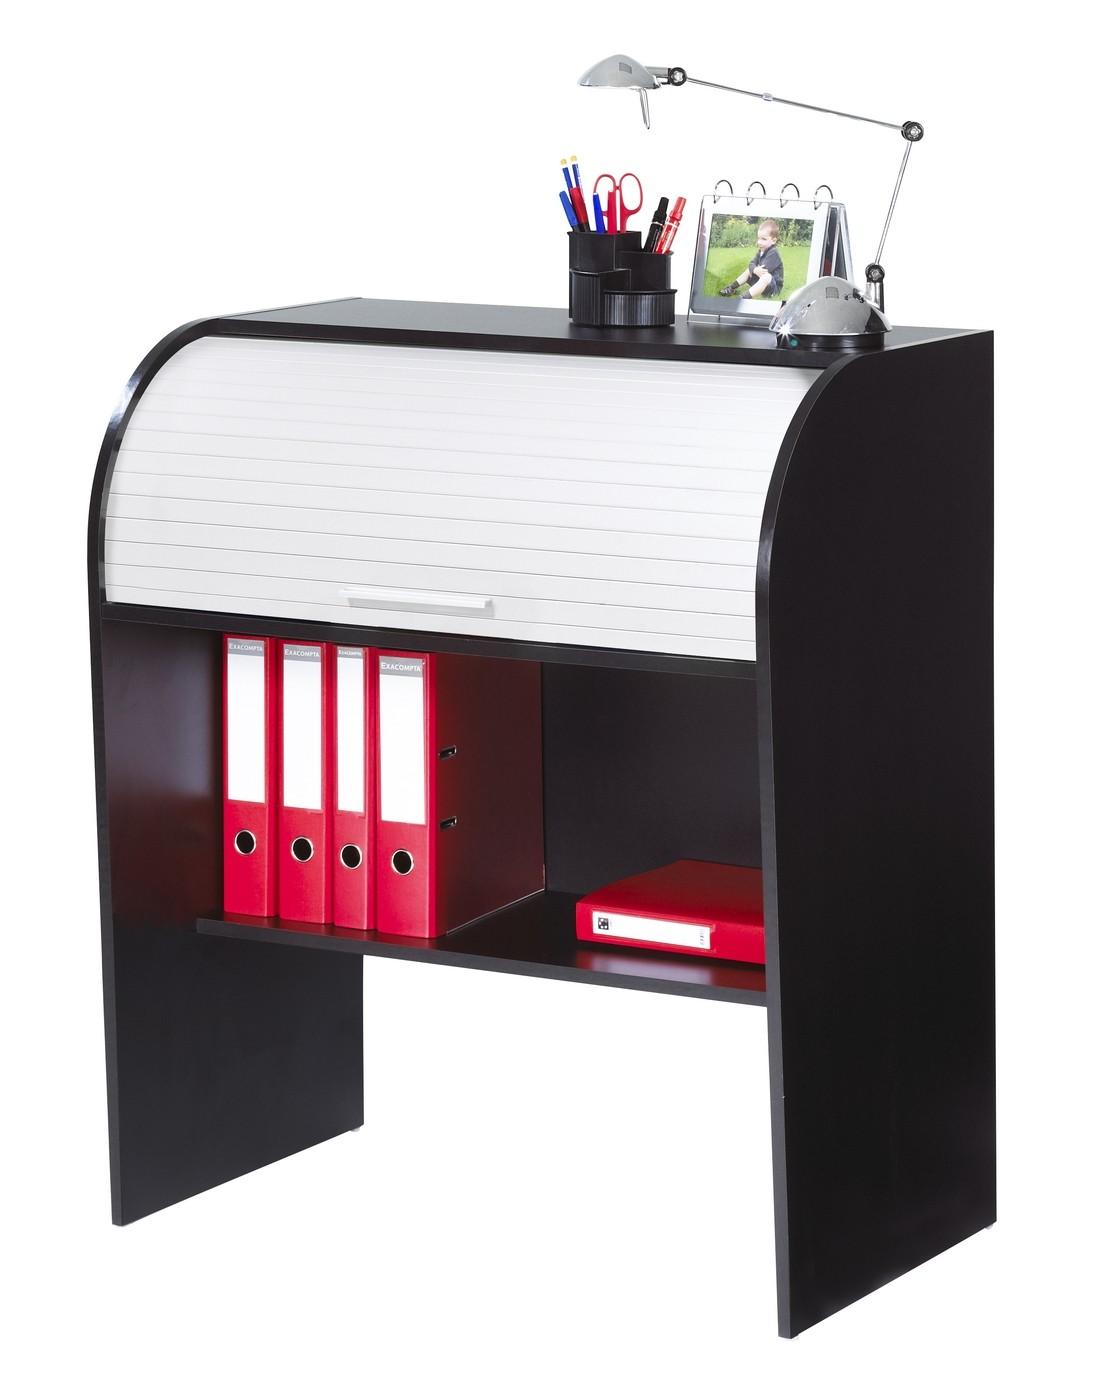 Bureau Noir Et Blanc bureau enfant 85 cm noir et blanc - beaux meubles pas chers